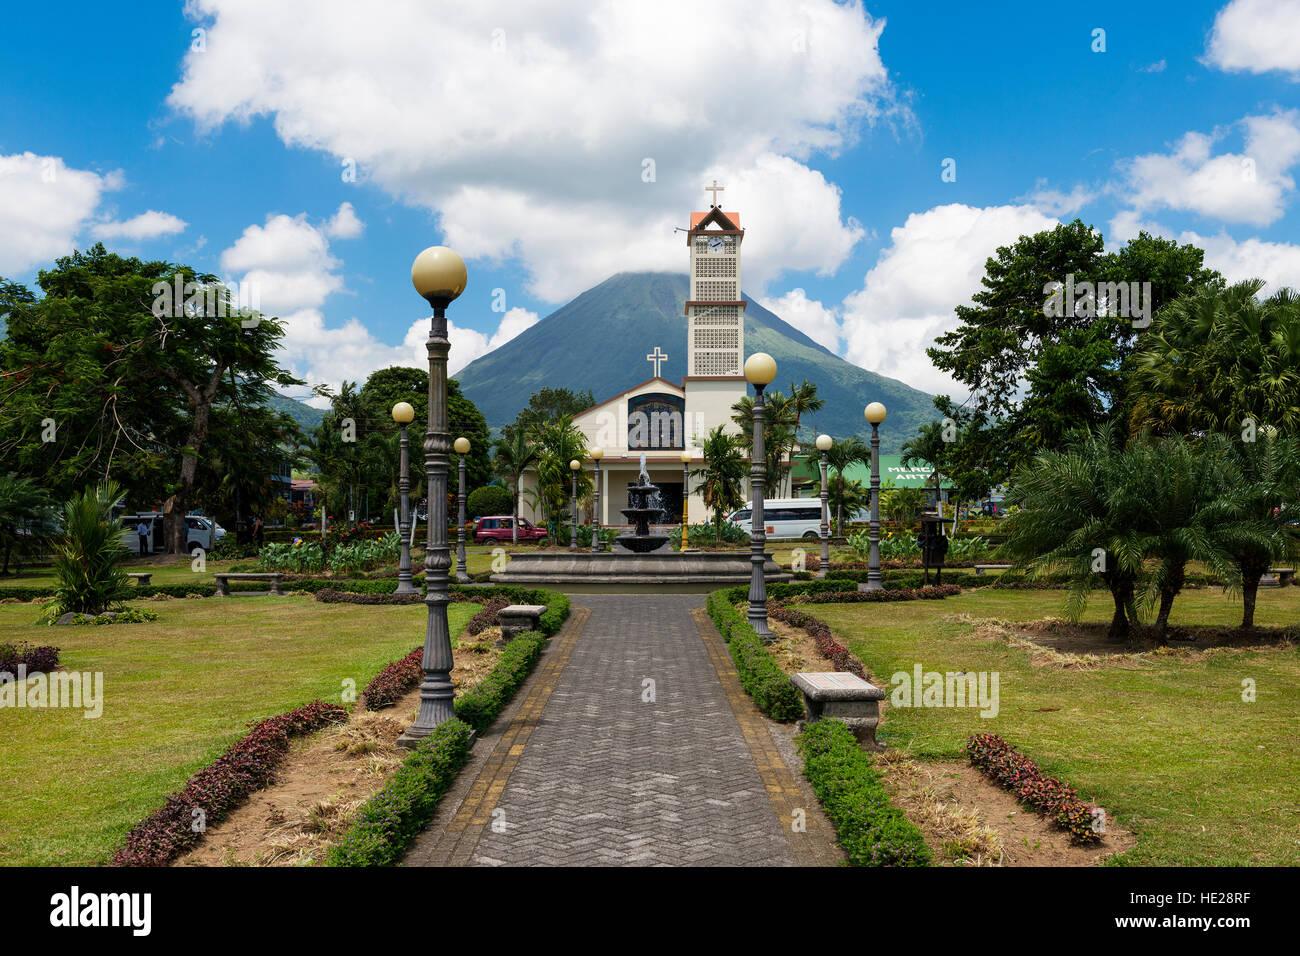 La Fortuna, Costa Rica - 31 Marzo 2014: veduta della città di La Fortuna in Costa Rica con il Vulcano Arenal Immagini Stock